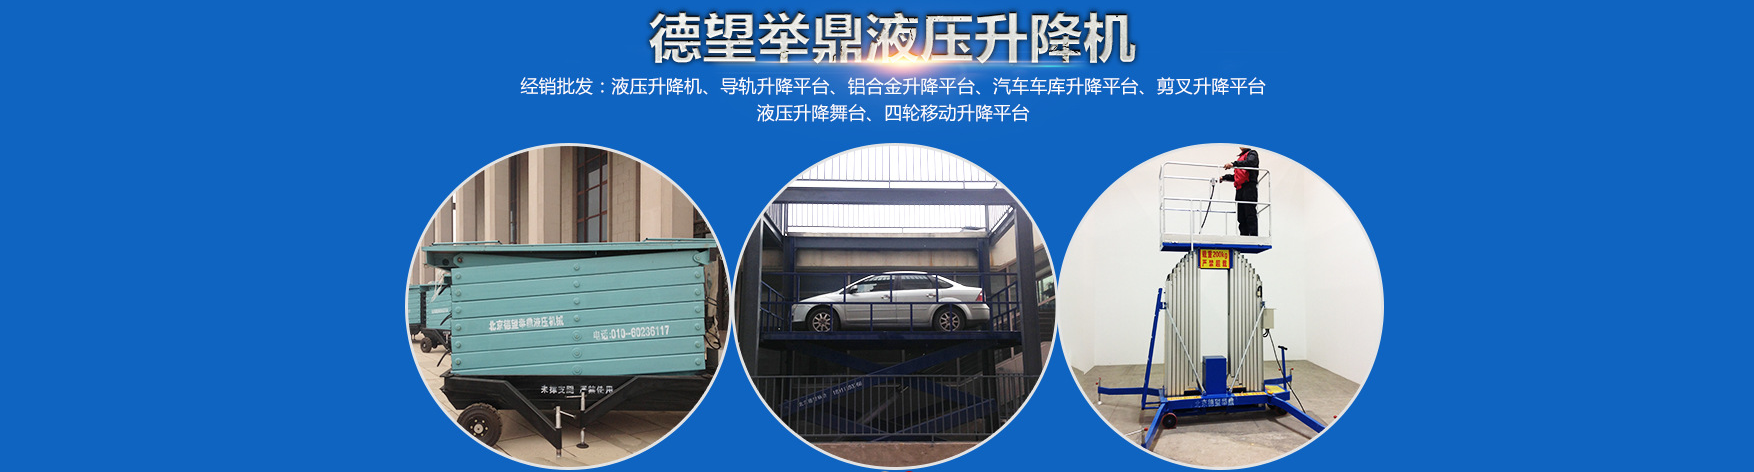 北京德望举鼎液压升降机械有限公司